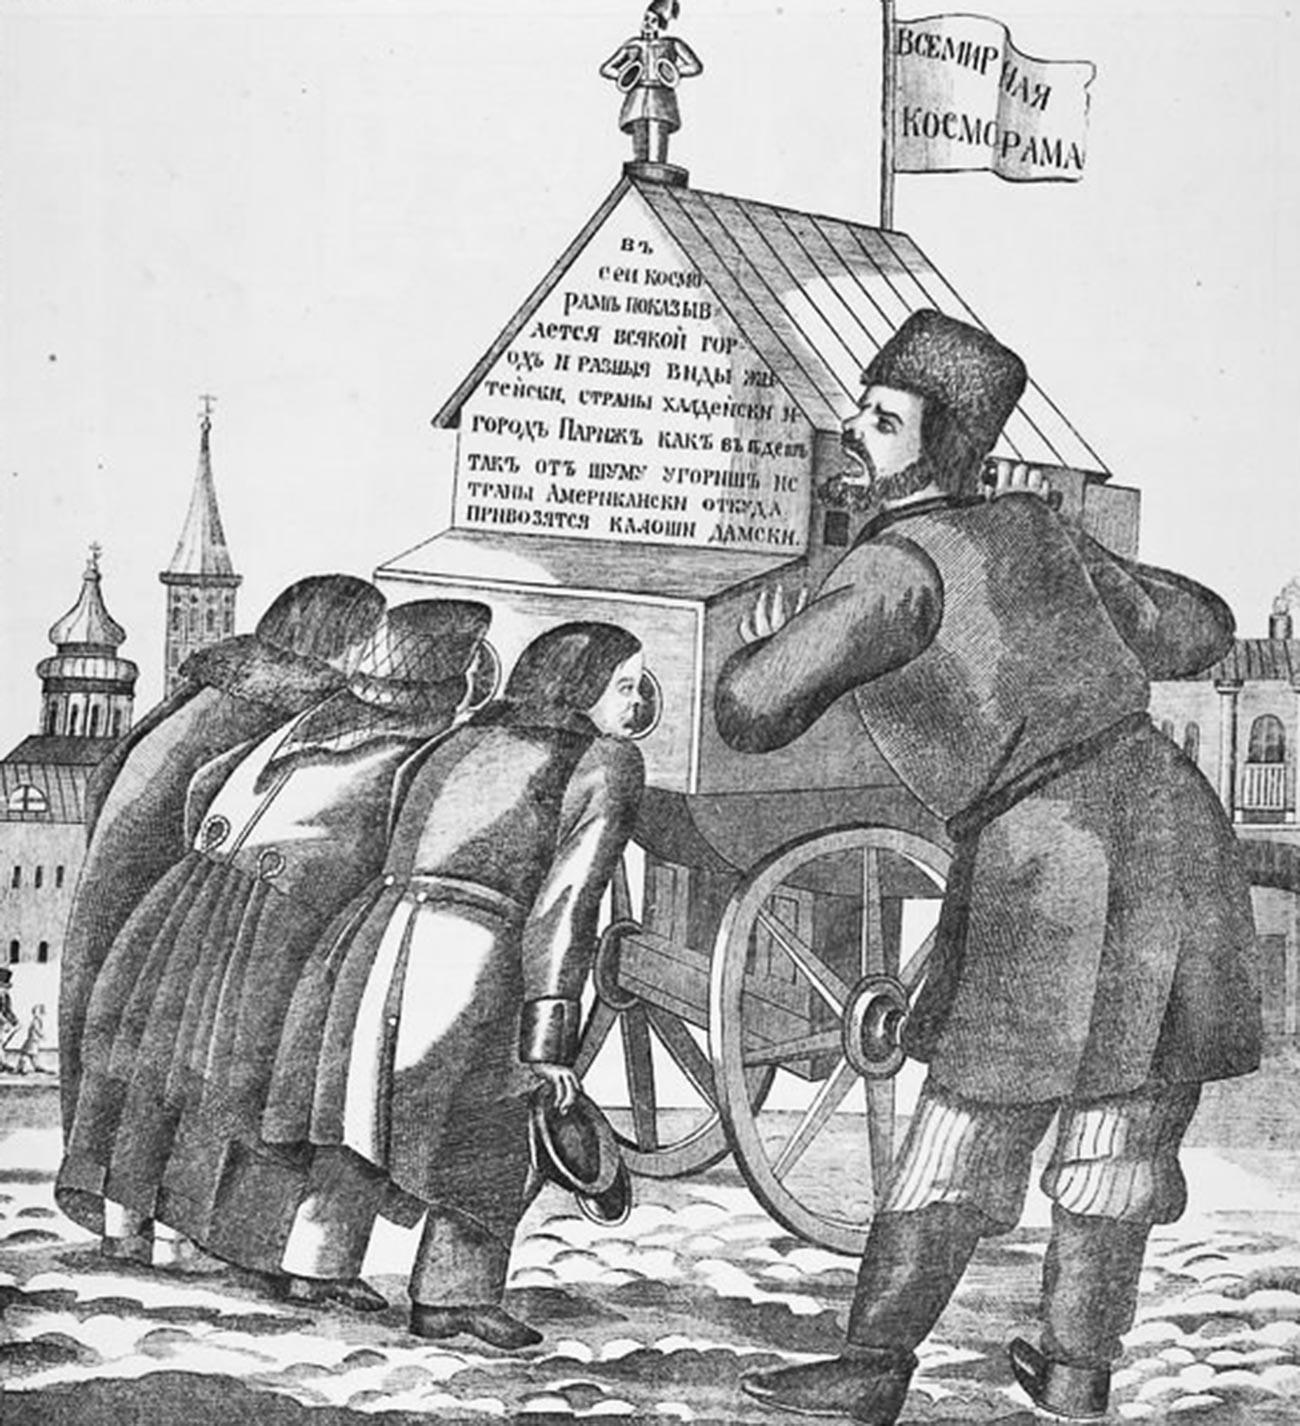 Рајошник, 19. век.